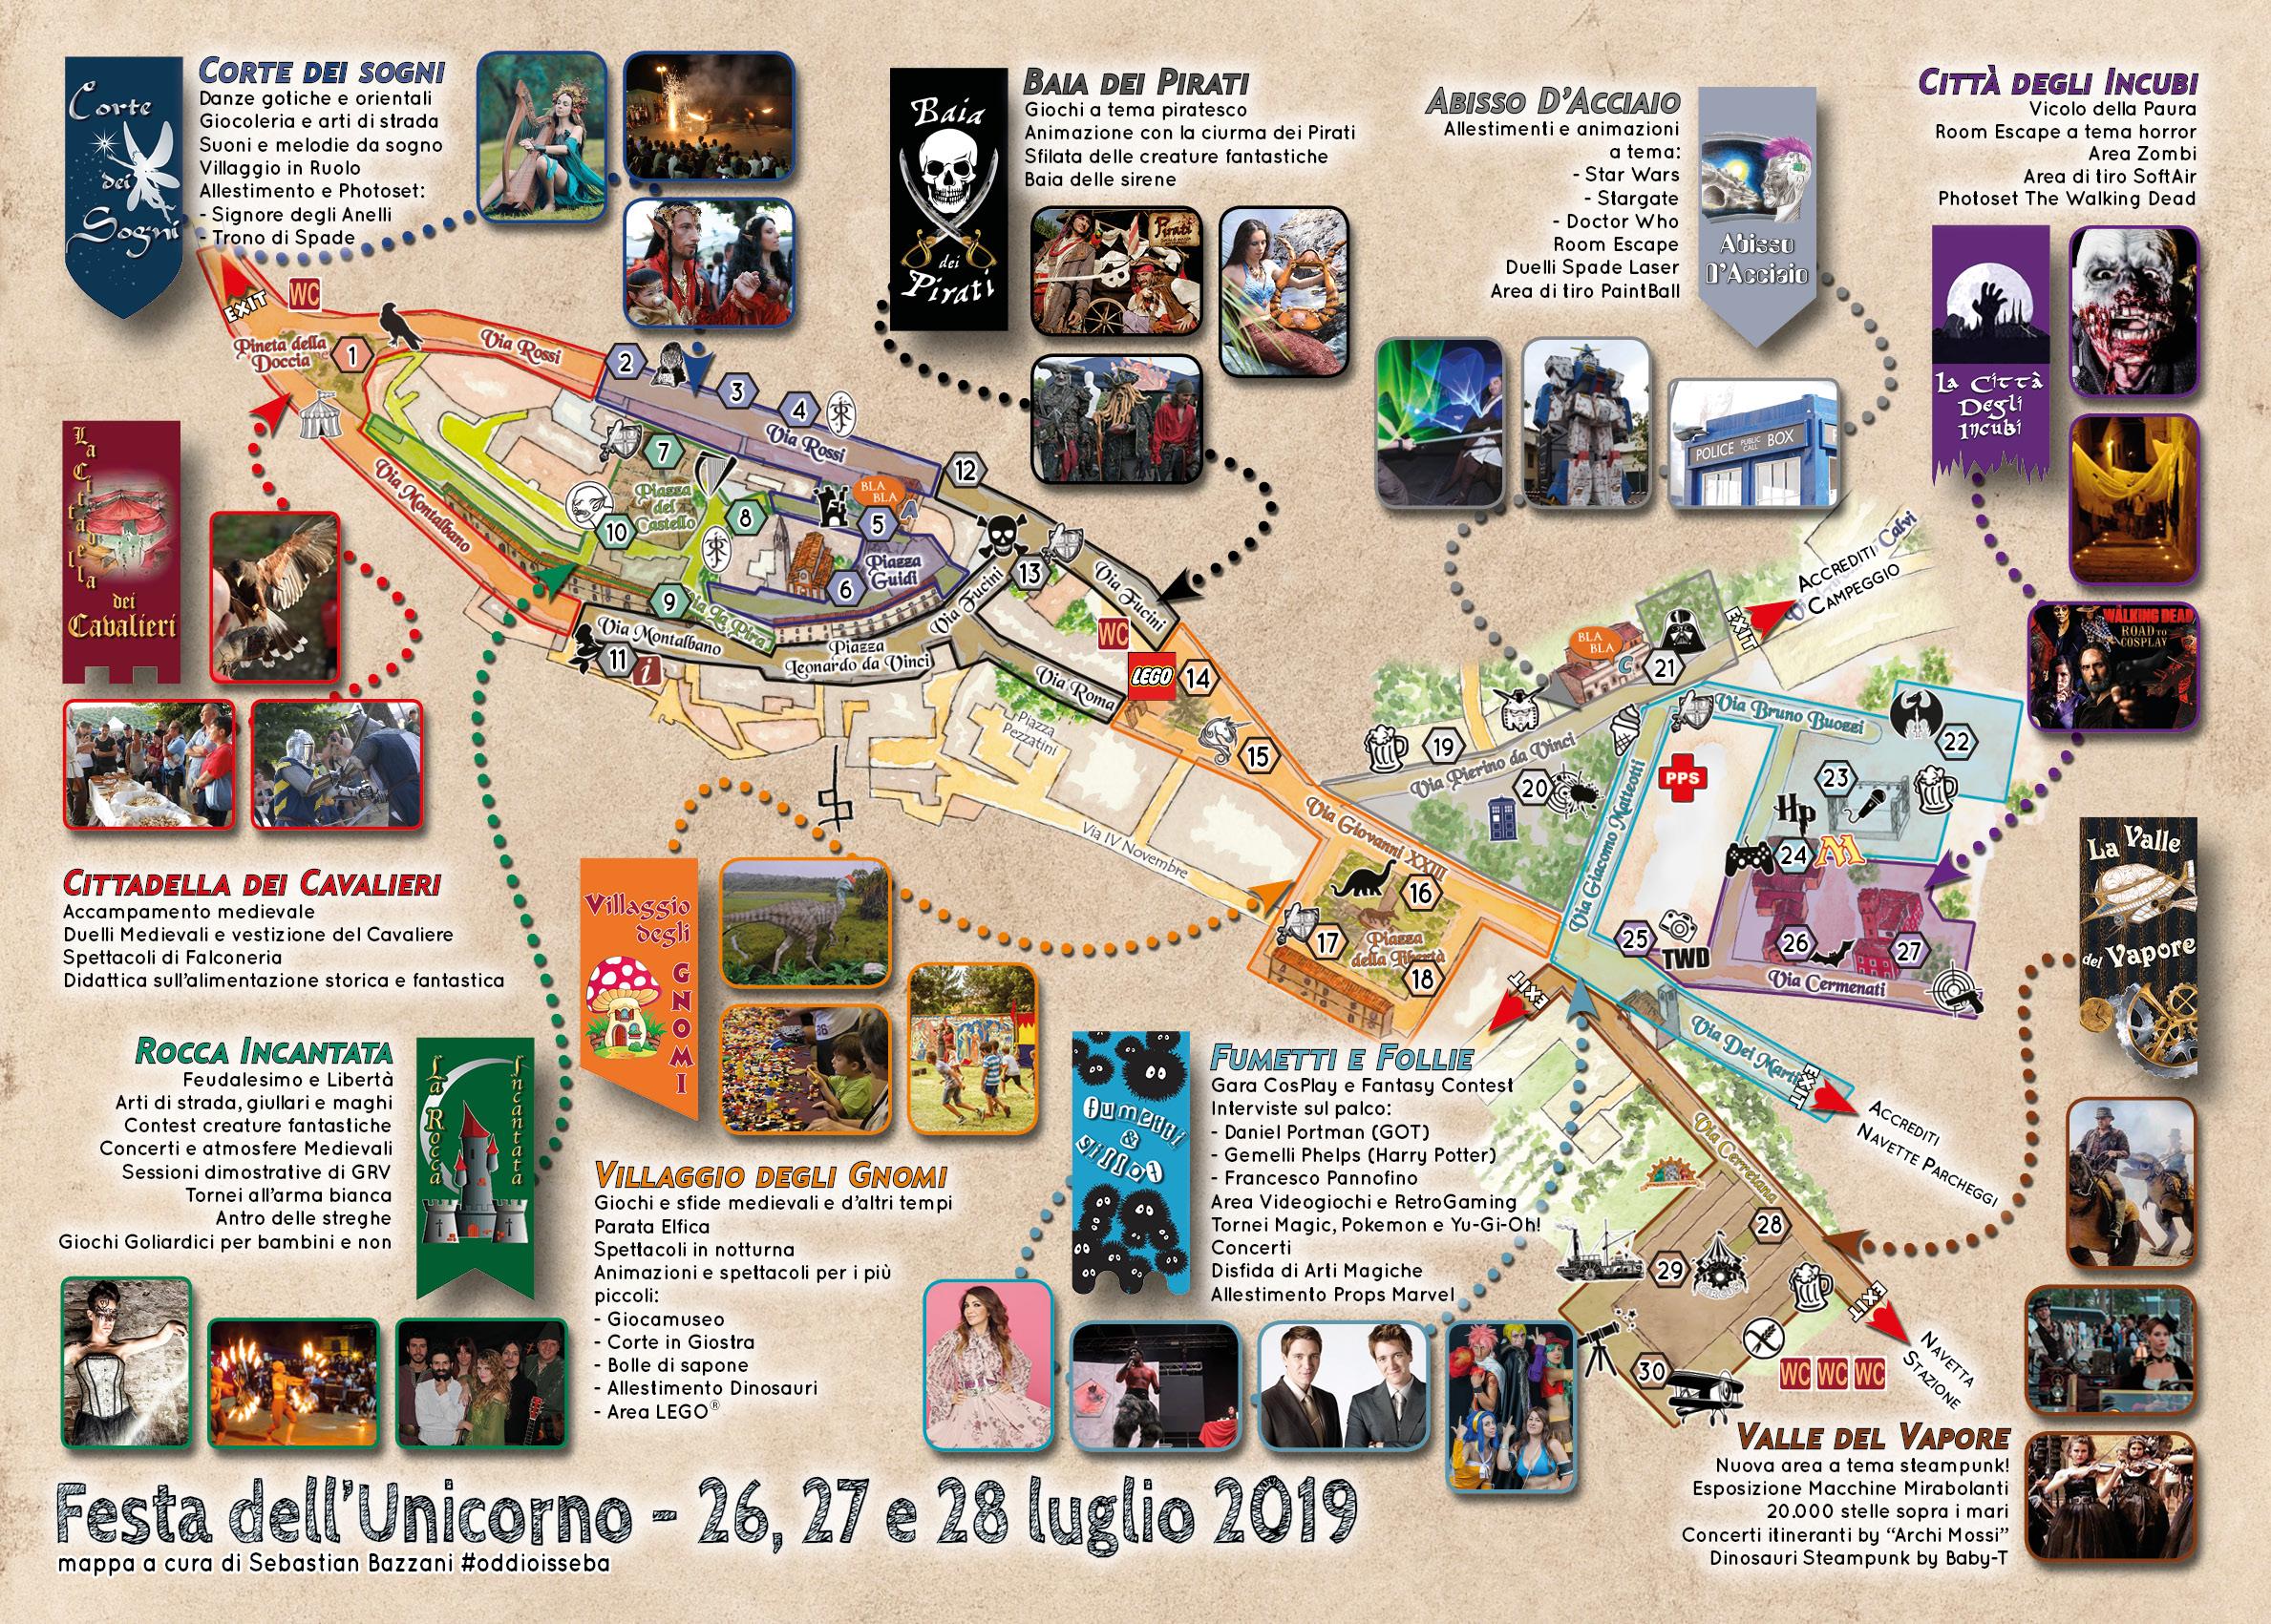 Festa dell'Unicorno 2014